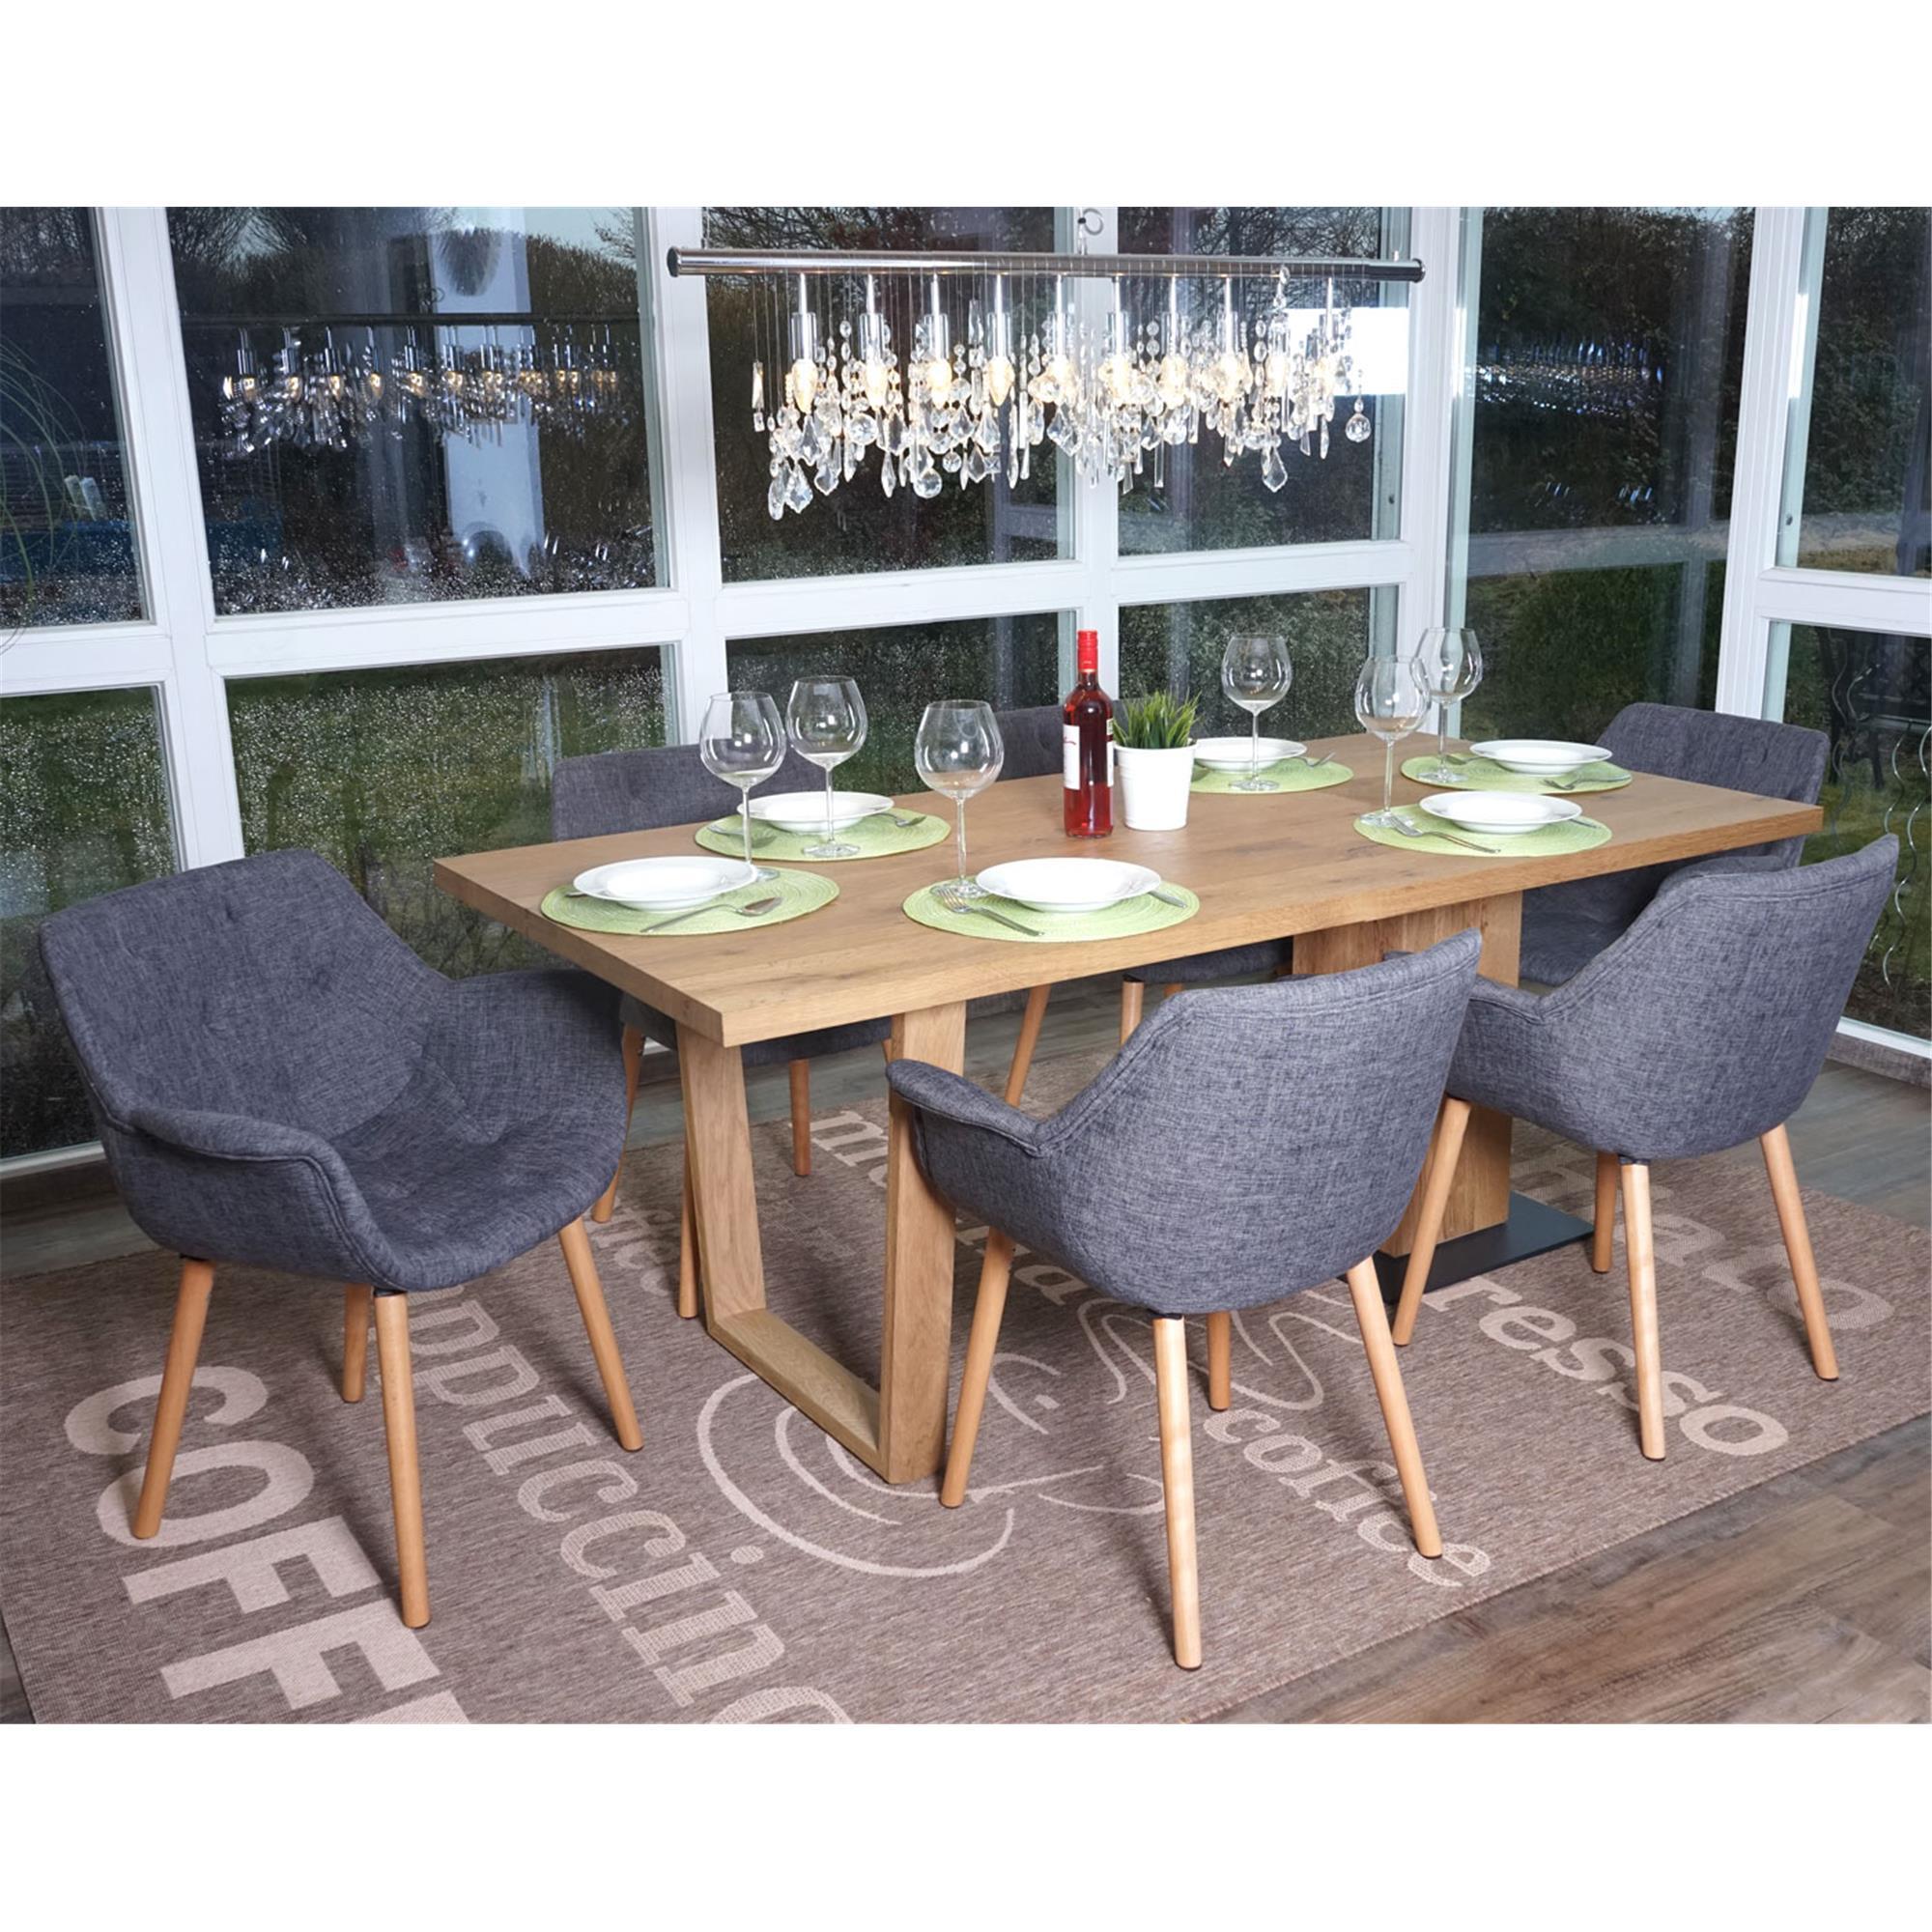 Lote 4 sillas de comedor alber tela estilo retro en gris for Comedores 4 patas